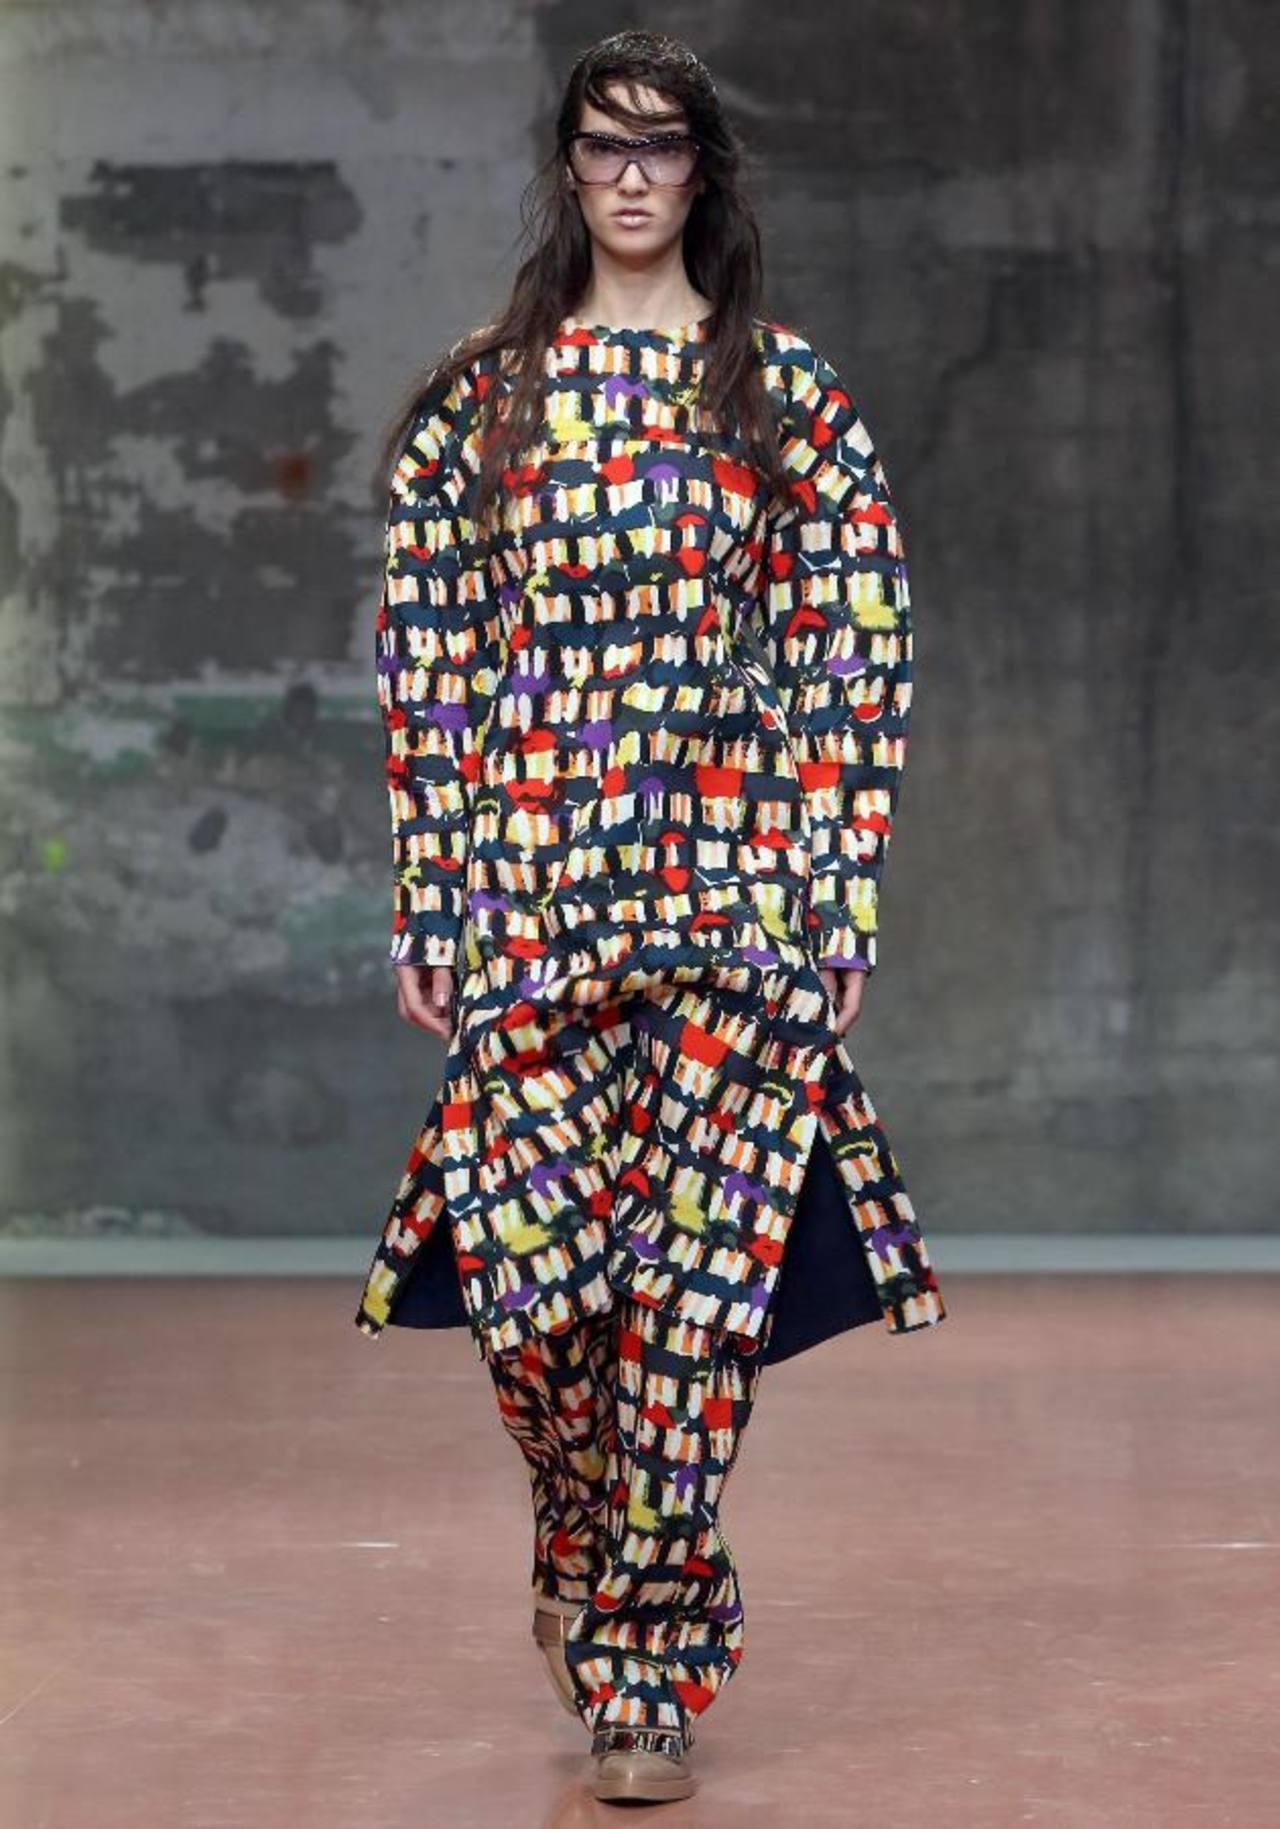 Diseños geométricos visten a la mujer en Milán